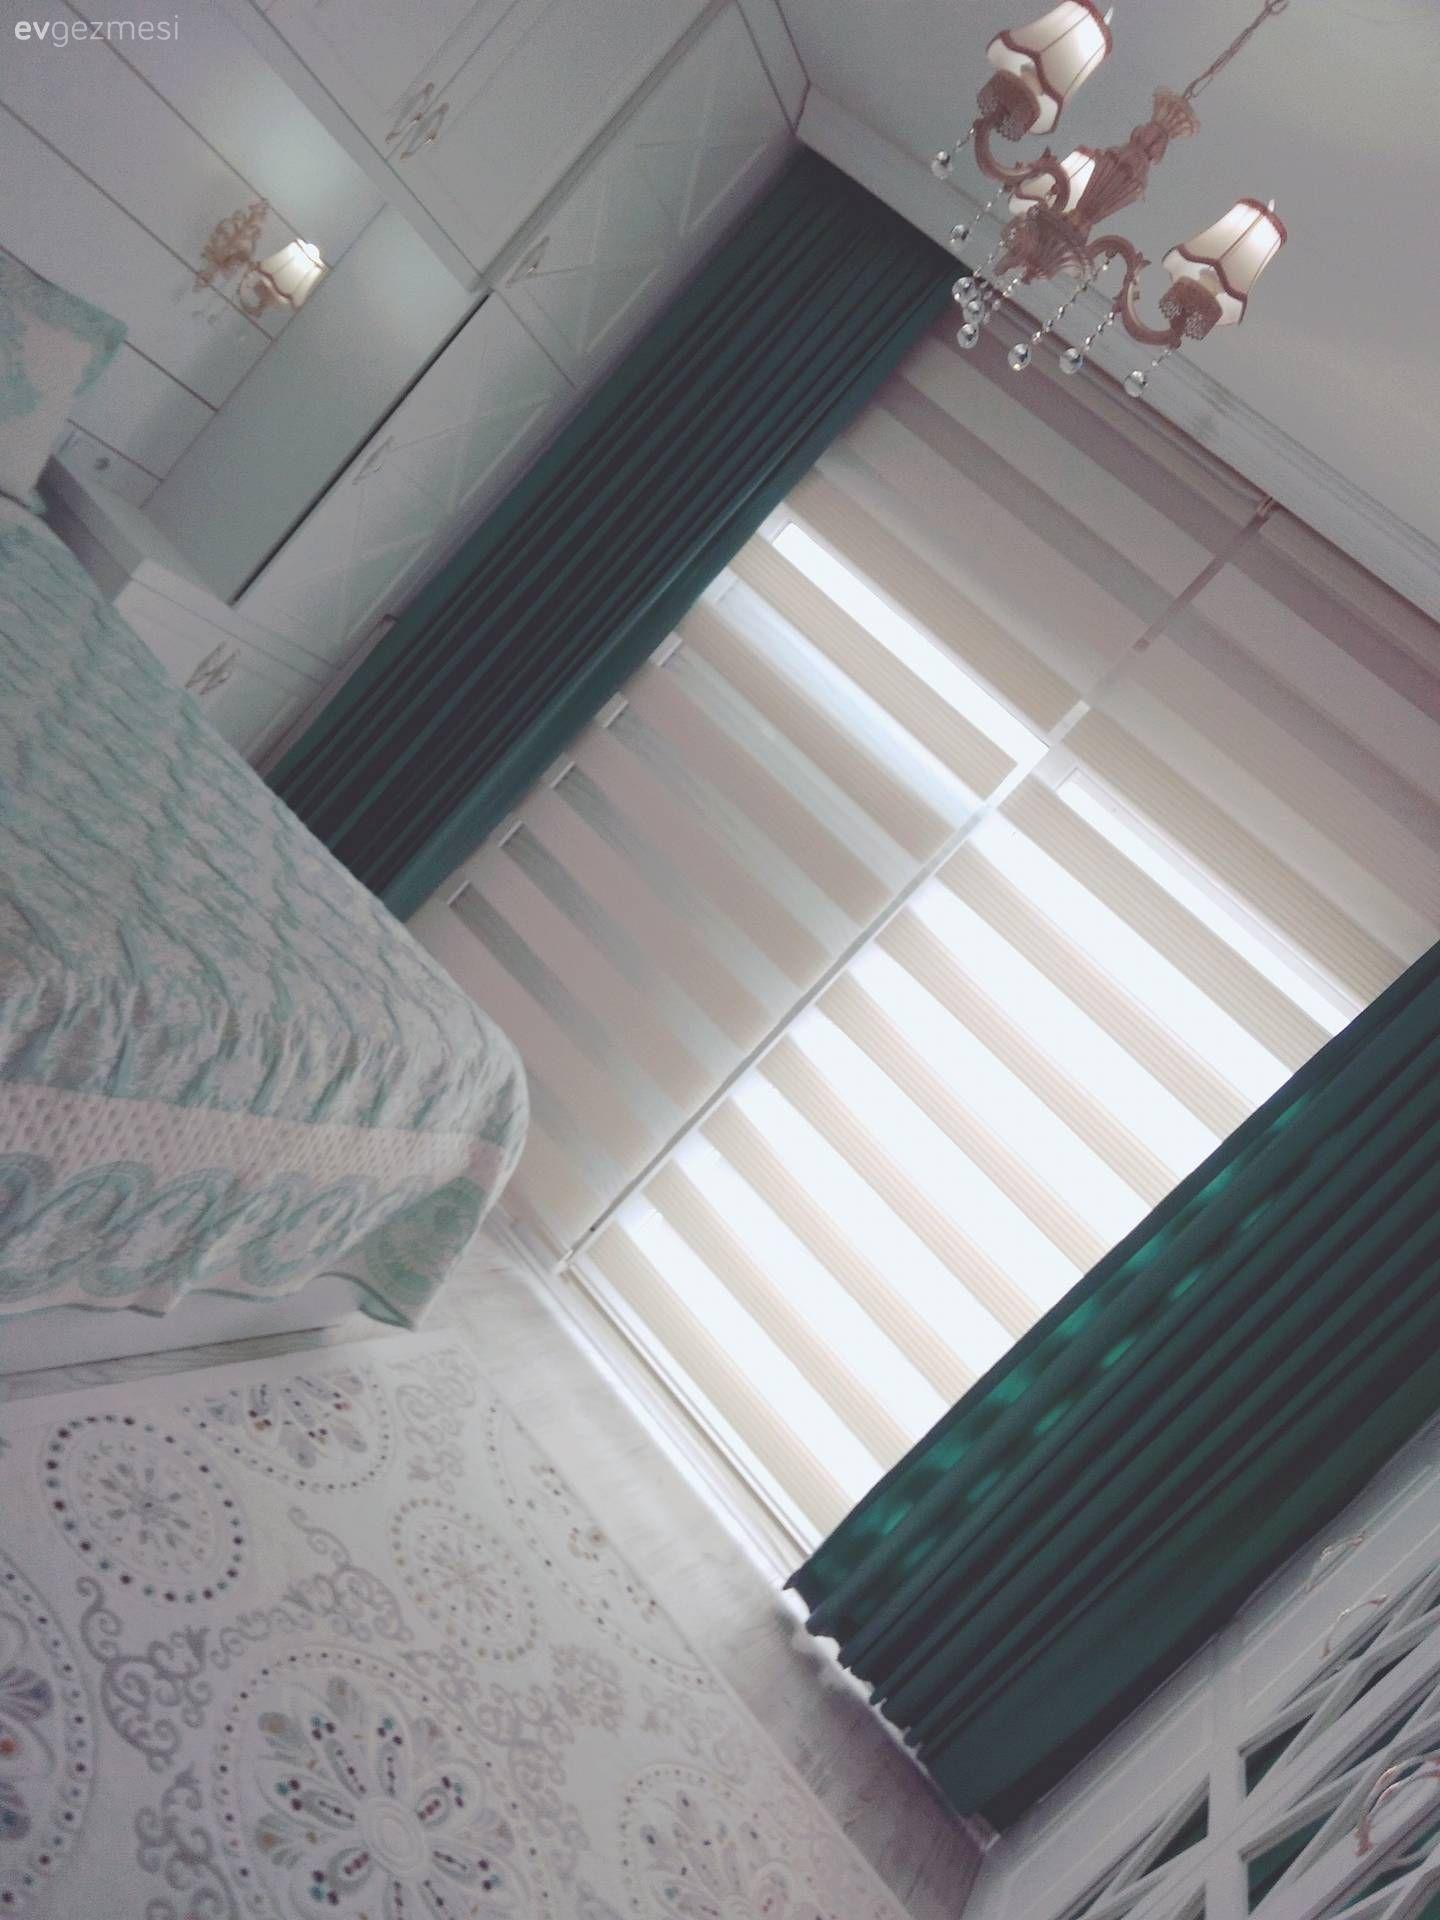 Kullanışlı olduğu kadar şık bir yatak odası tasarımı. Sibel hanımdan.. | Ev Gezmesi Yatak odası